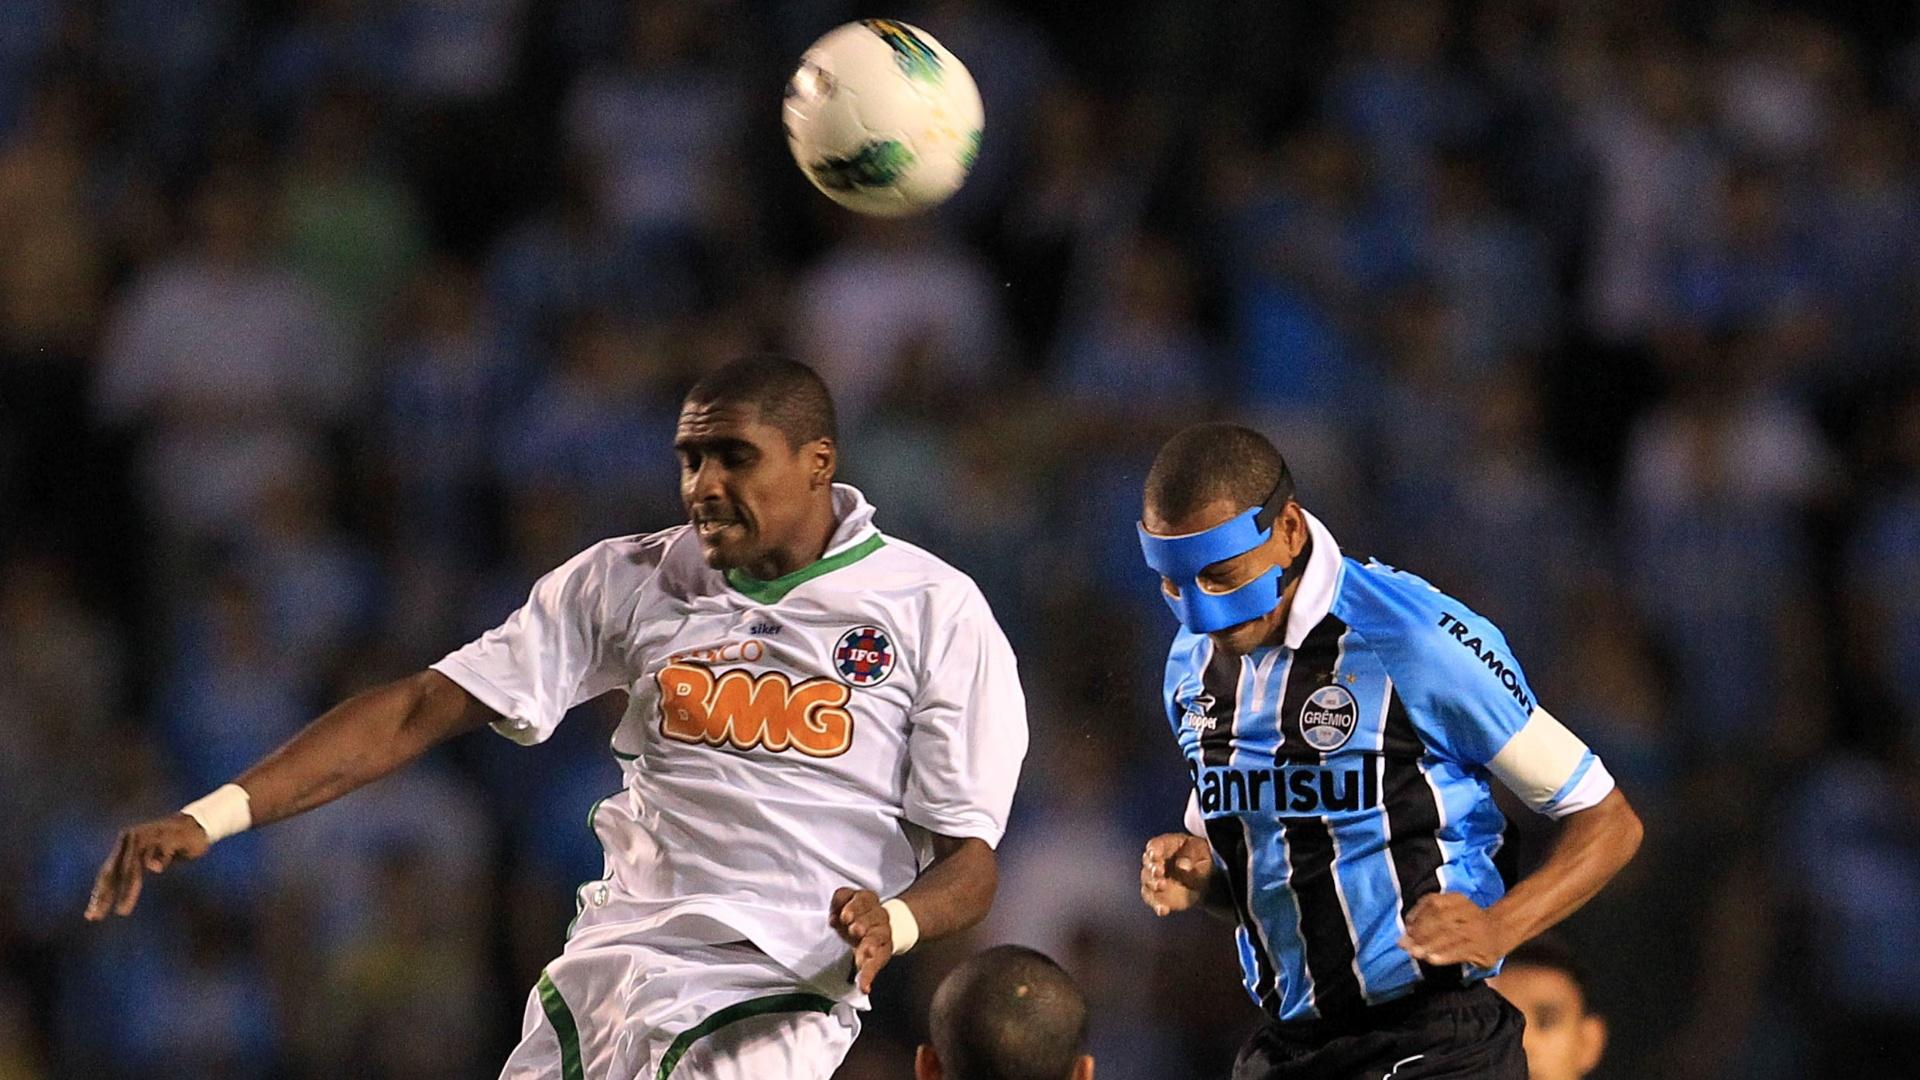 Gilberto Silva comemora gol do Grêmio contra o Ipatinga no estádio Olímpico pela Copa do Brasil (11/04/2012)